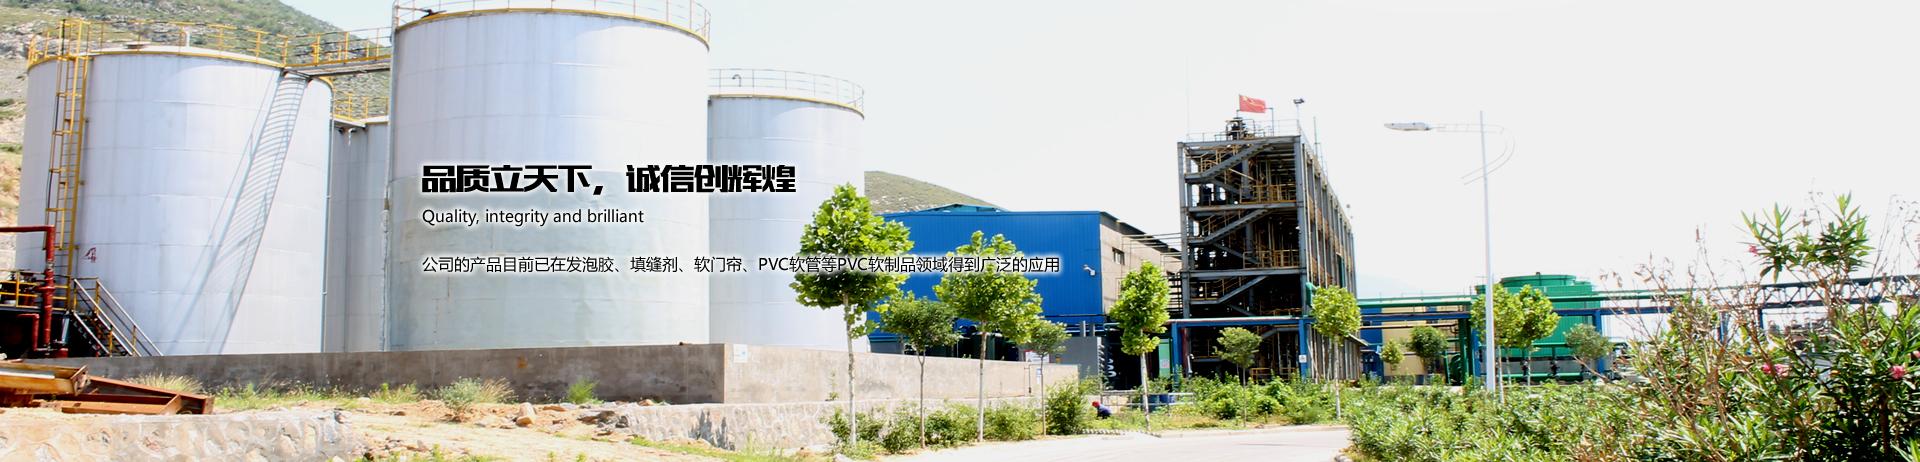 氯化石蜡52生产厂家